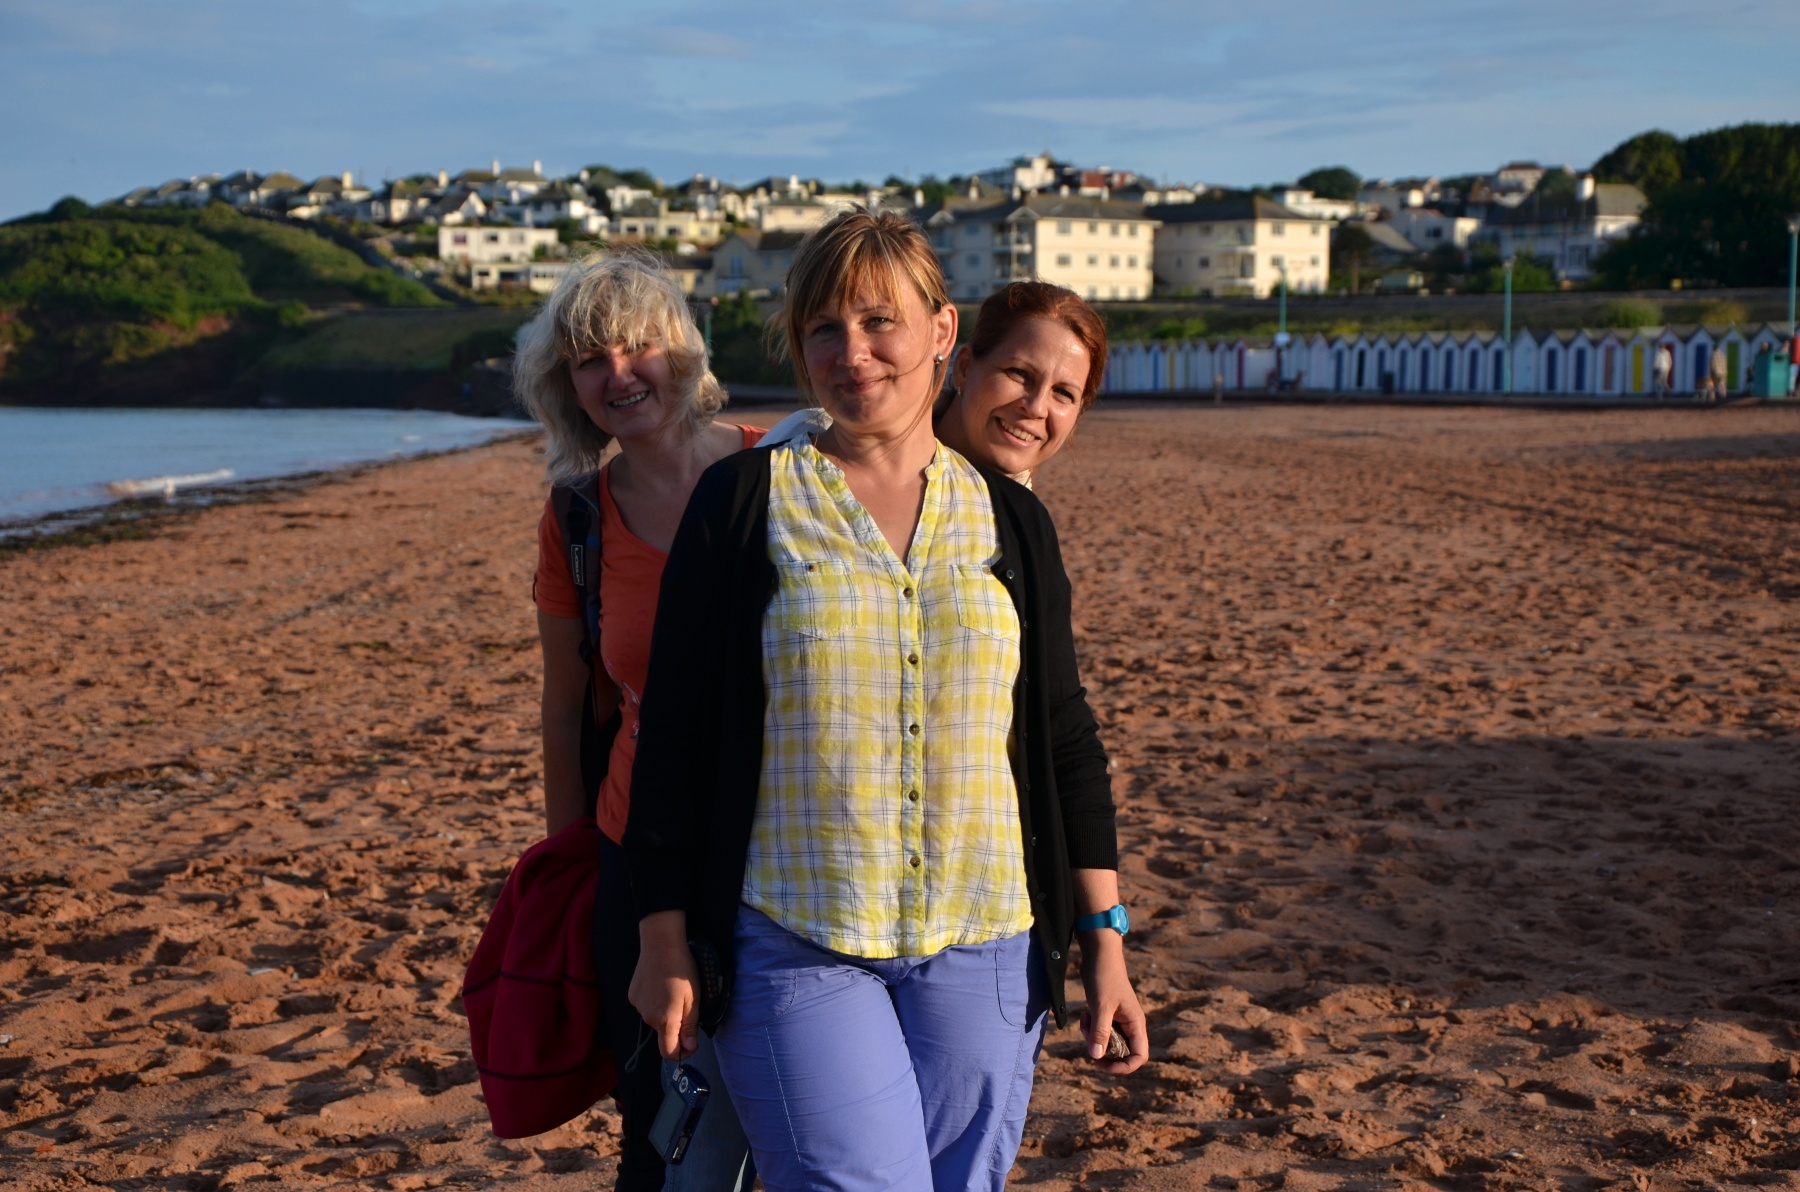 Jitka, Stáňa a Katka objevují krásy devonských pláží